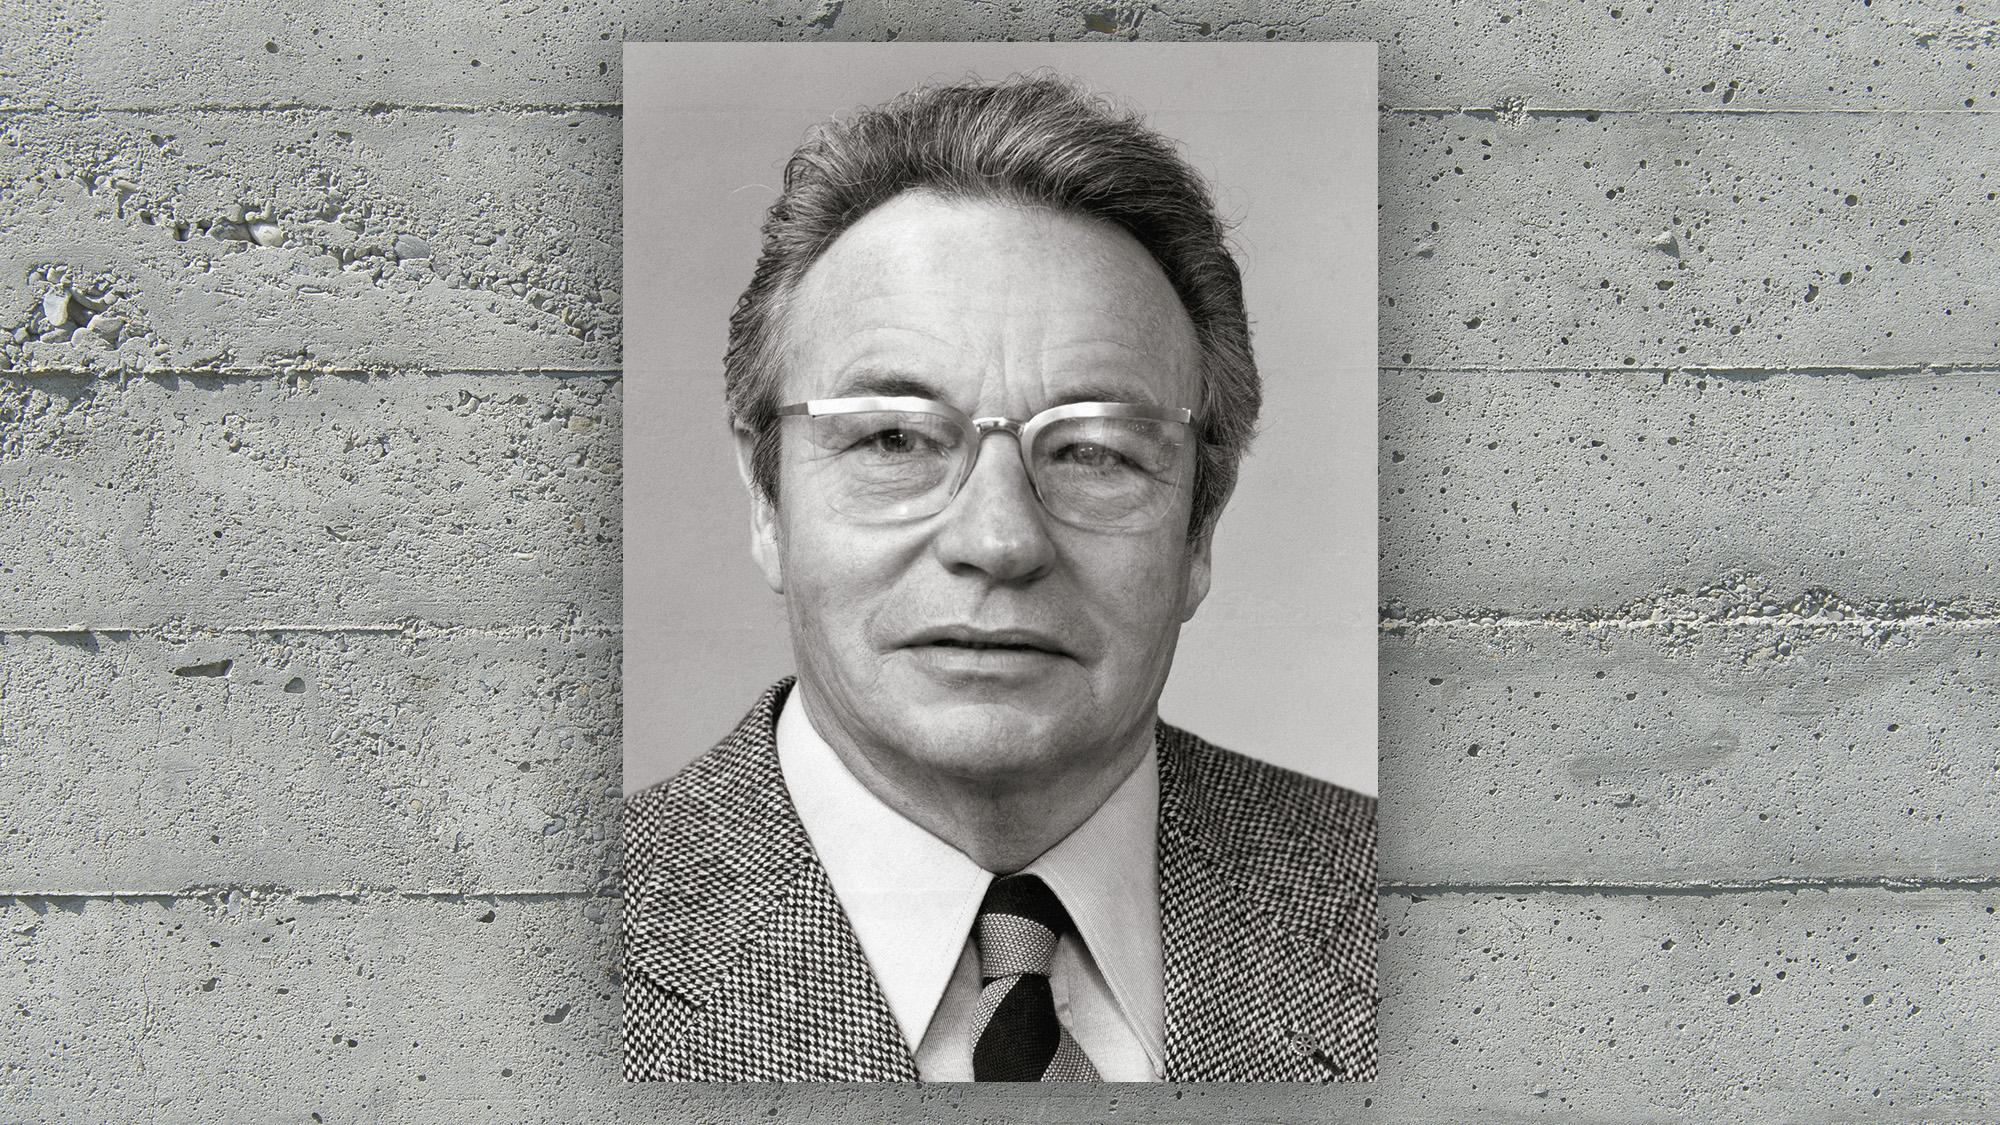 Francesco Kneschaurek